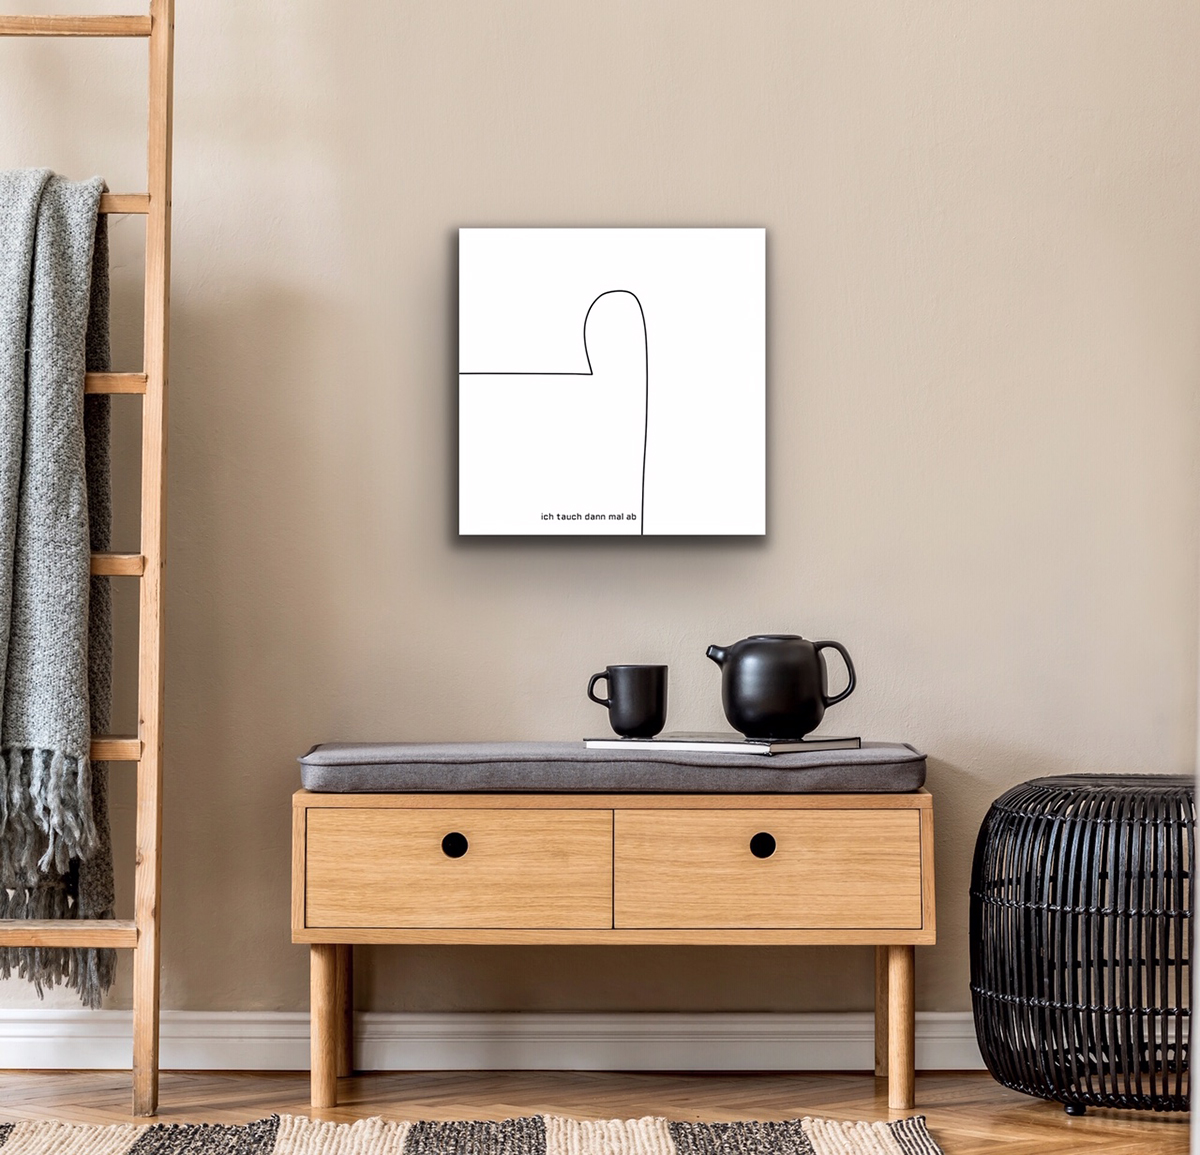 essential acrylglasprint barytprint affordable art digital drawing digitale Zeichnung petronilla hohenwarter schwarz black